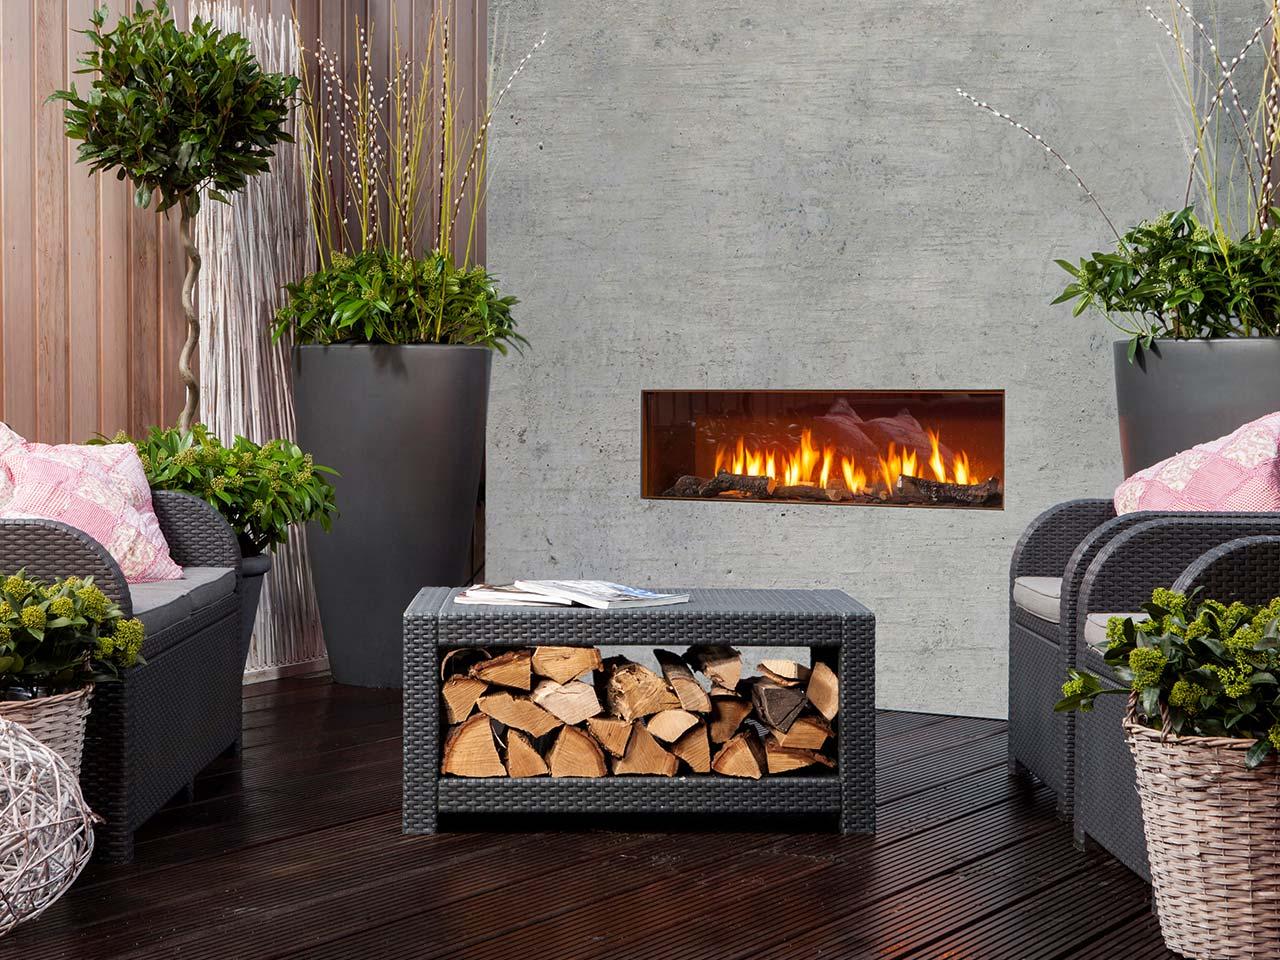 Garten-Gaskamin Faber The Mood mit realistischen Holzimitaten für ein zauberhaftes Flammenspiel im Garten.